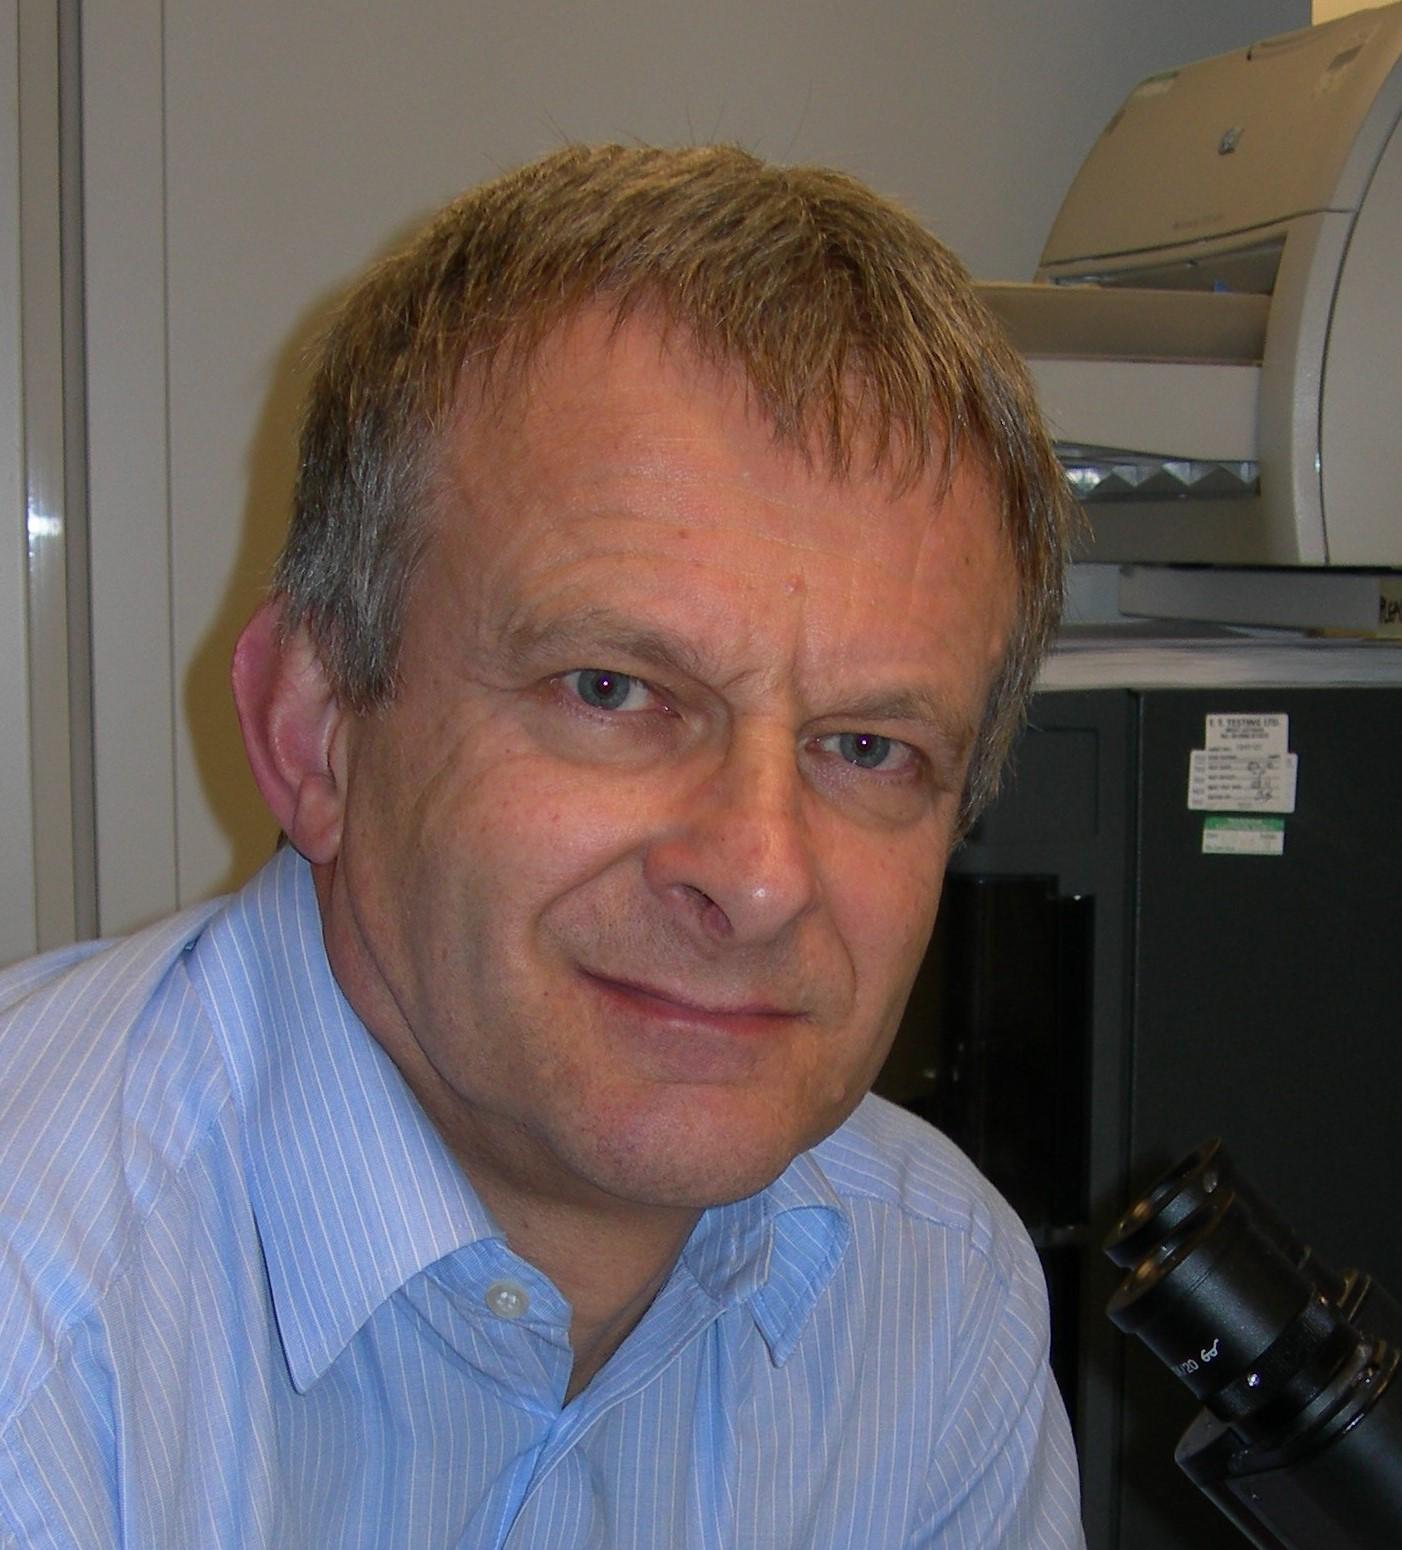 David Melton